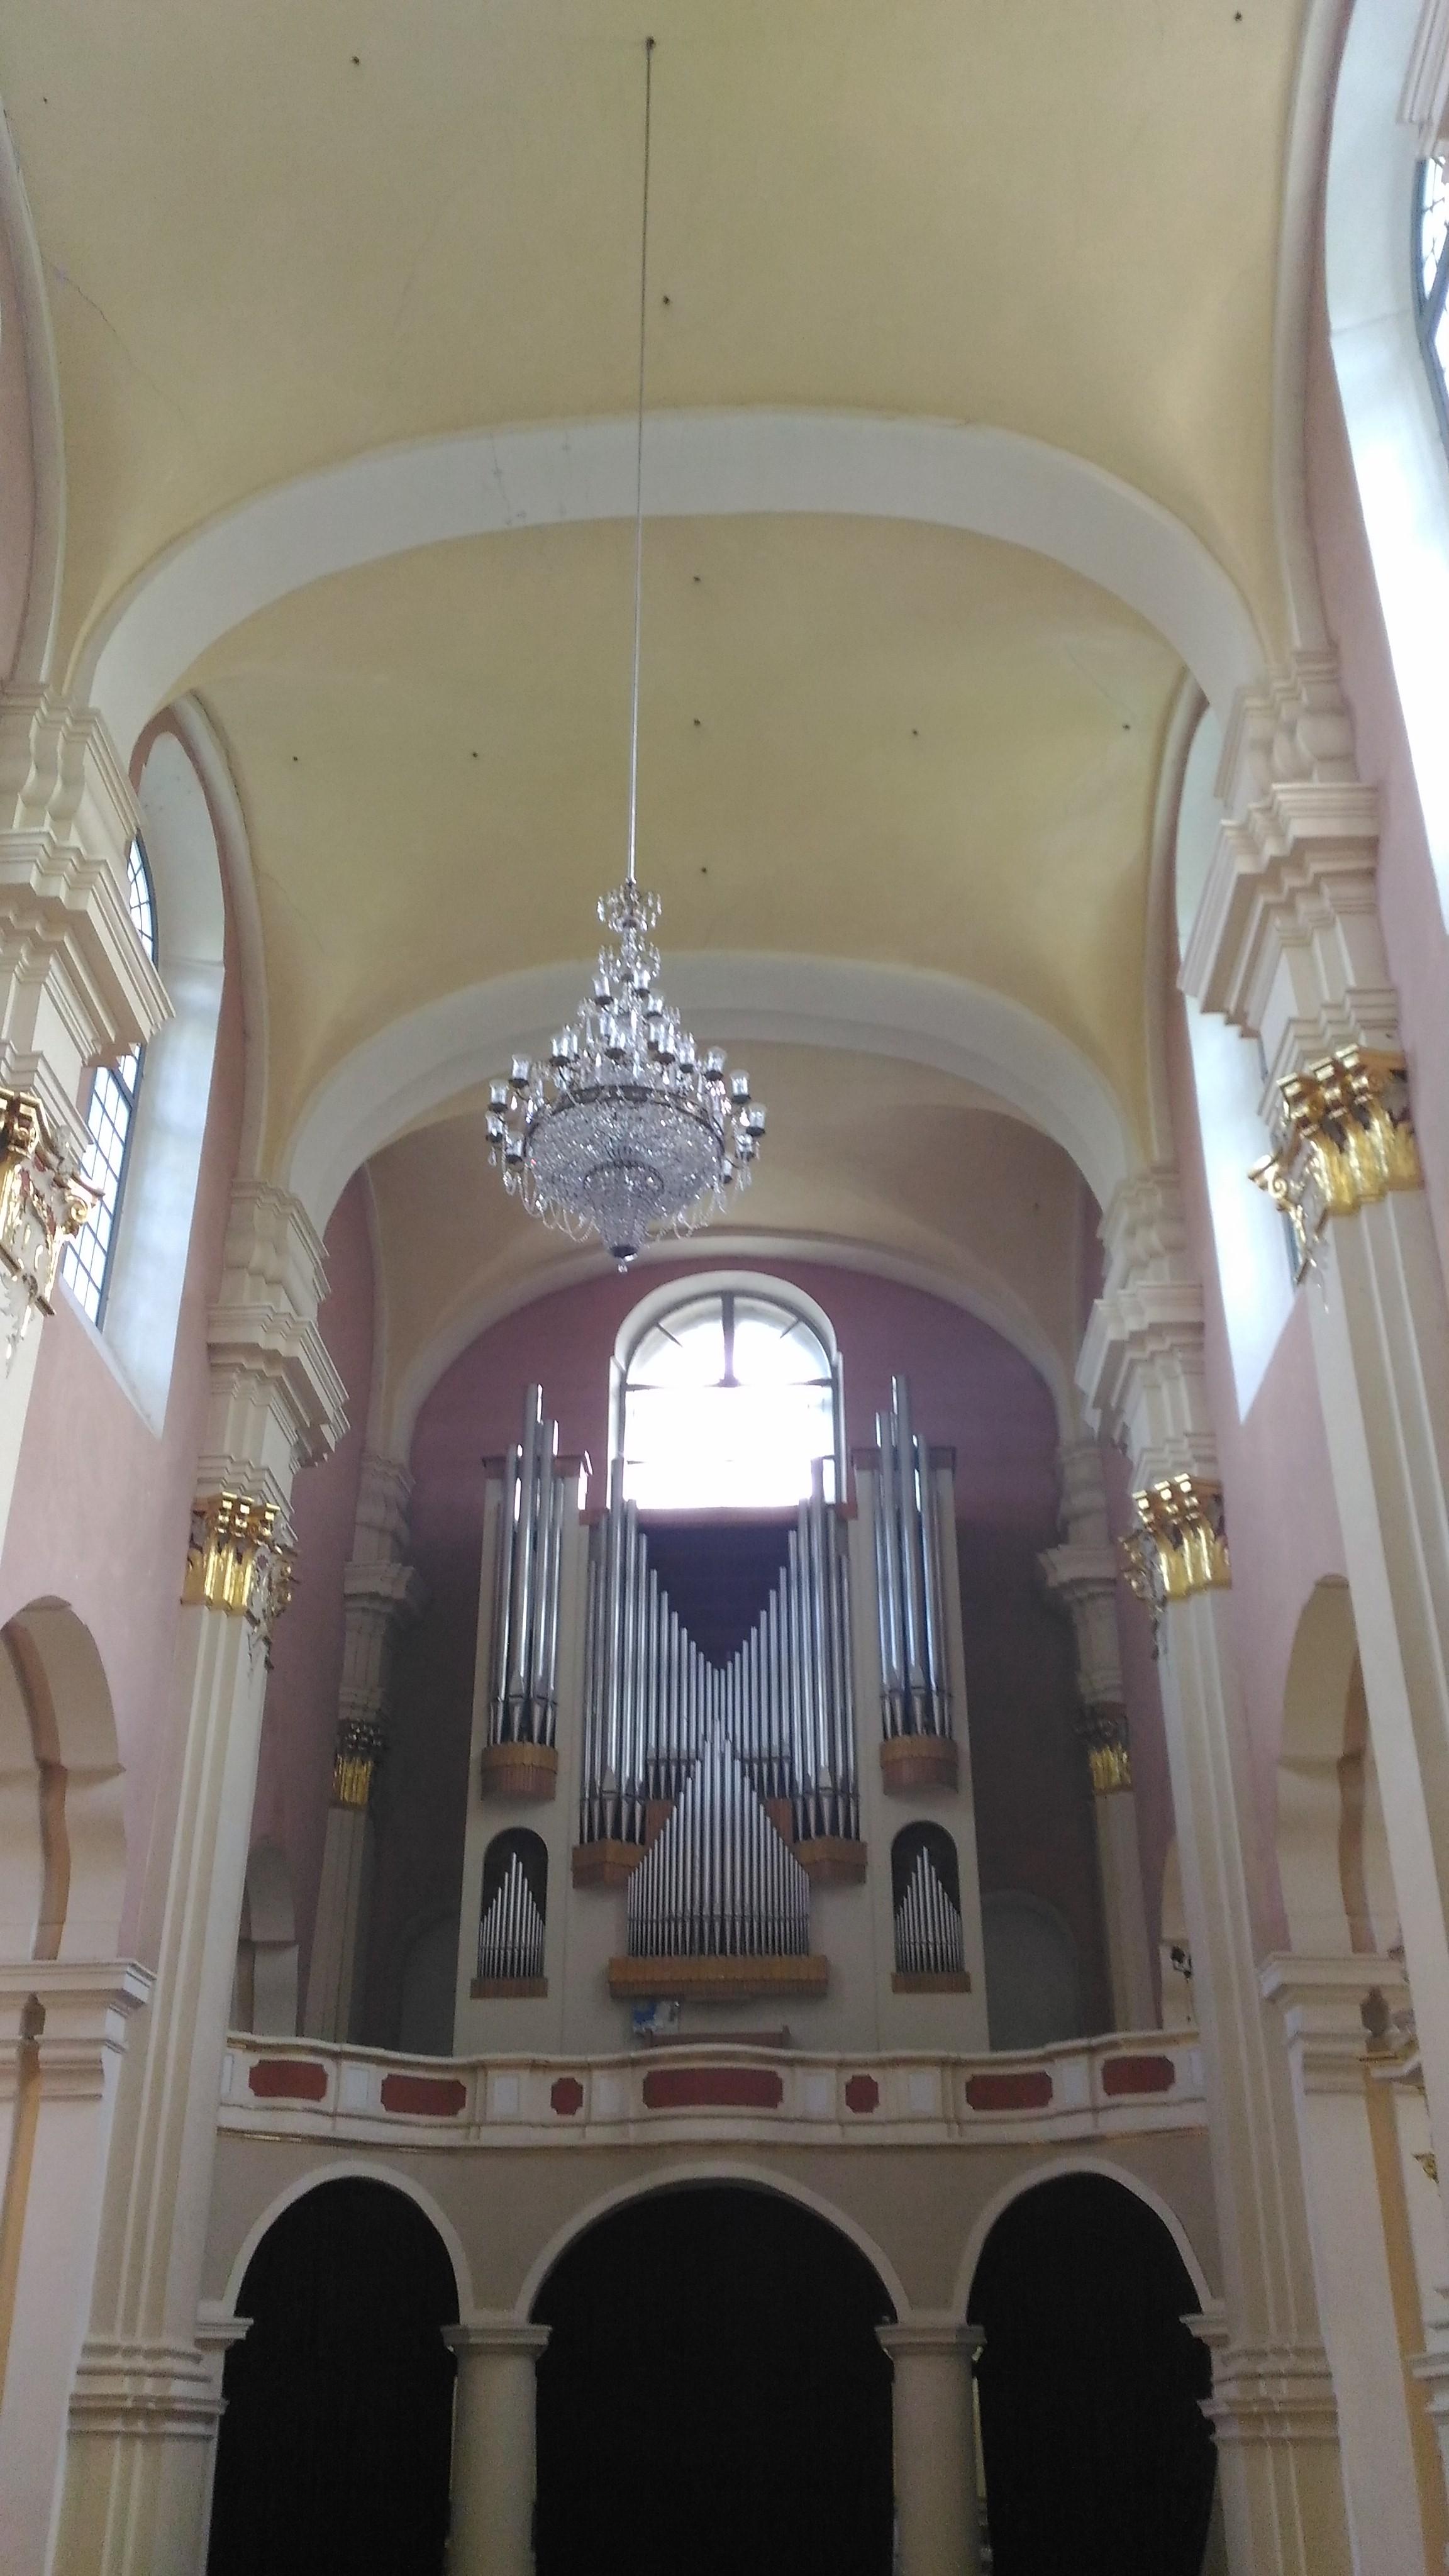 P 20190914 141711 - Софийский собор в Полоцке